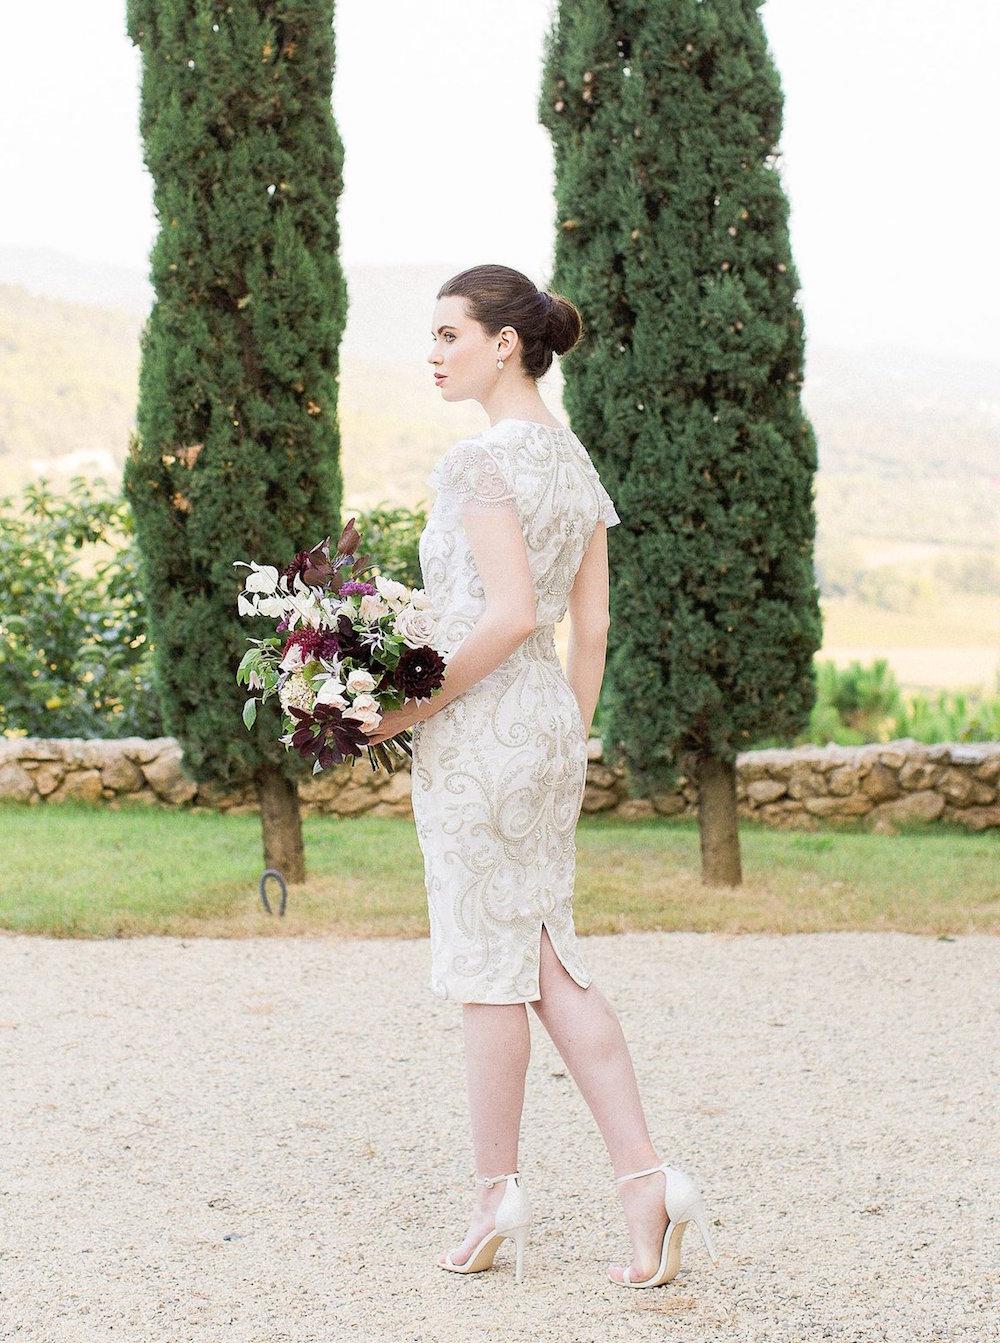 Stylish Short Wedding Dresses from Etsy